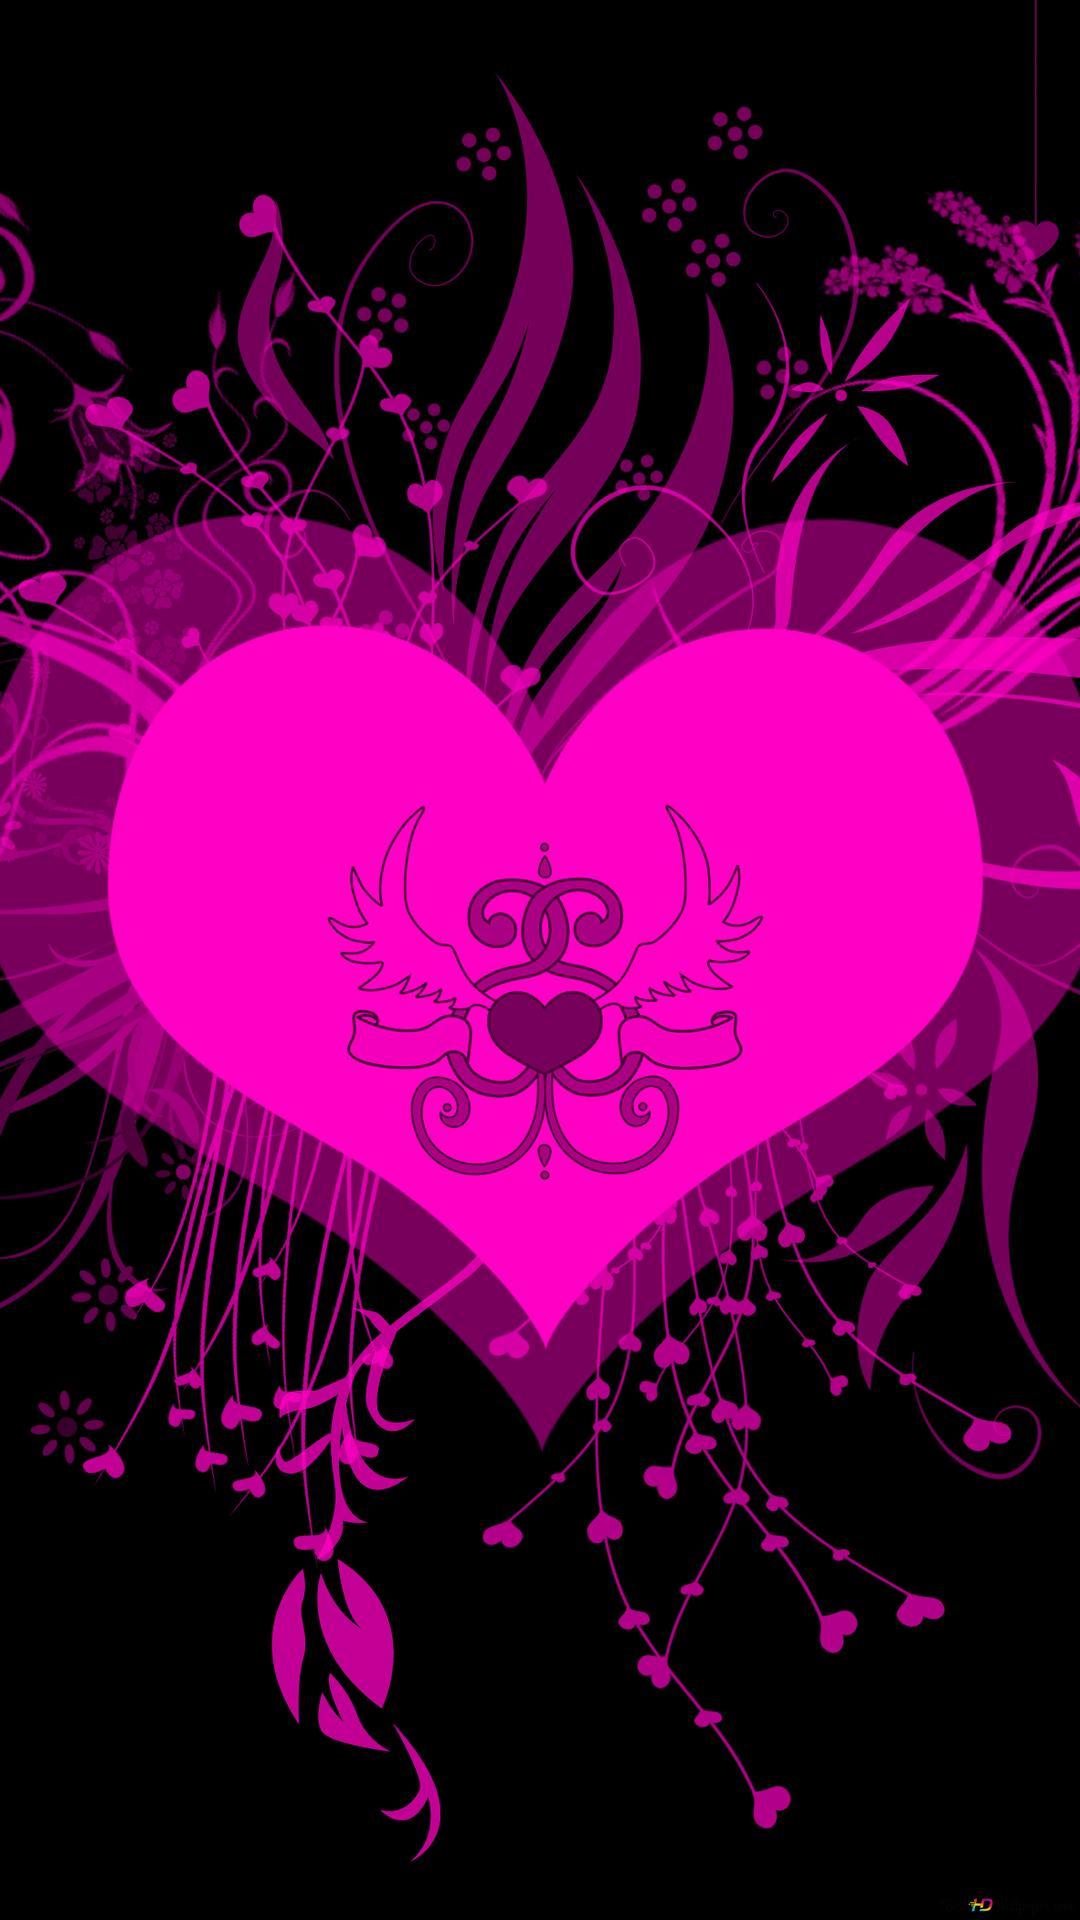 バレンタインデー ネオンピンクのハート Hd壁紙のダウンロード